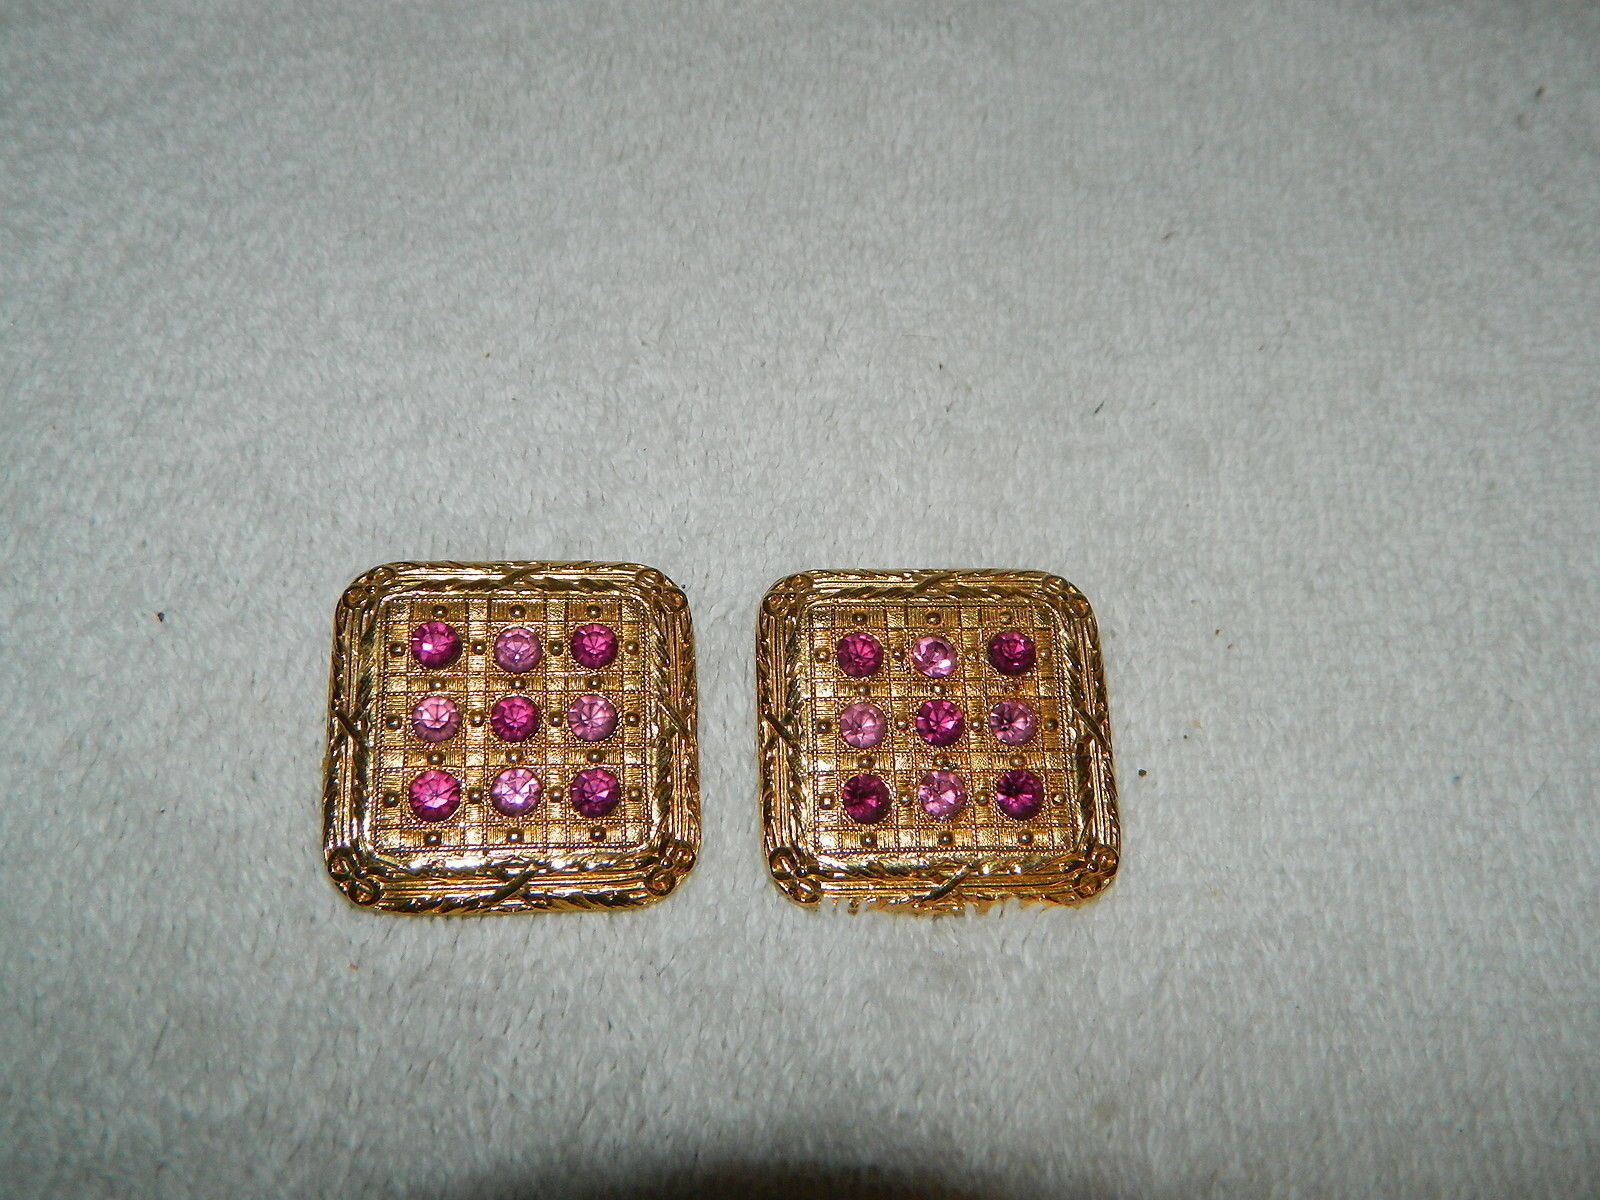 Vintage Large Silver Metal Color Clip-on Earrings Signed Ellen Designs